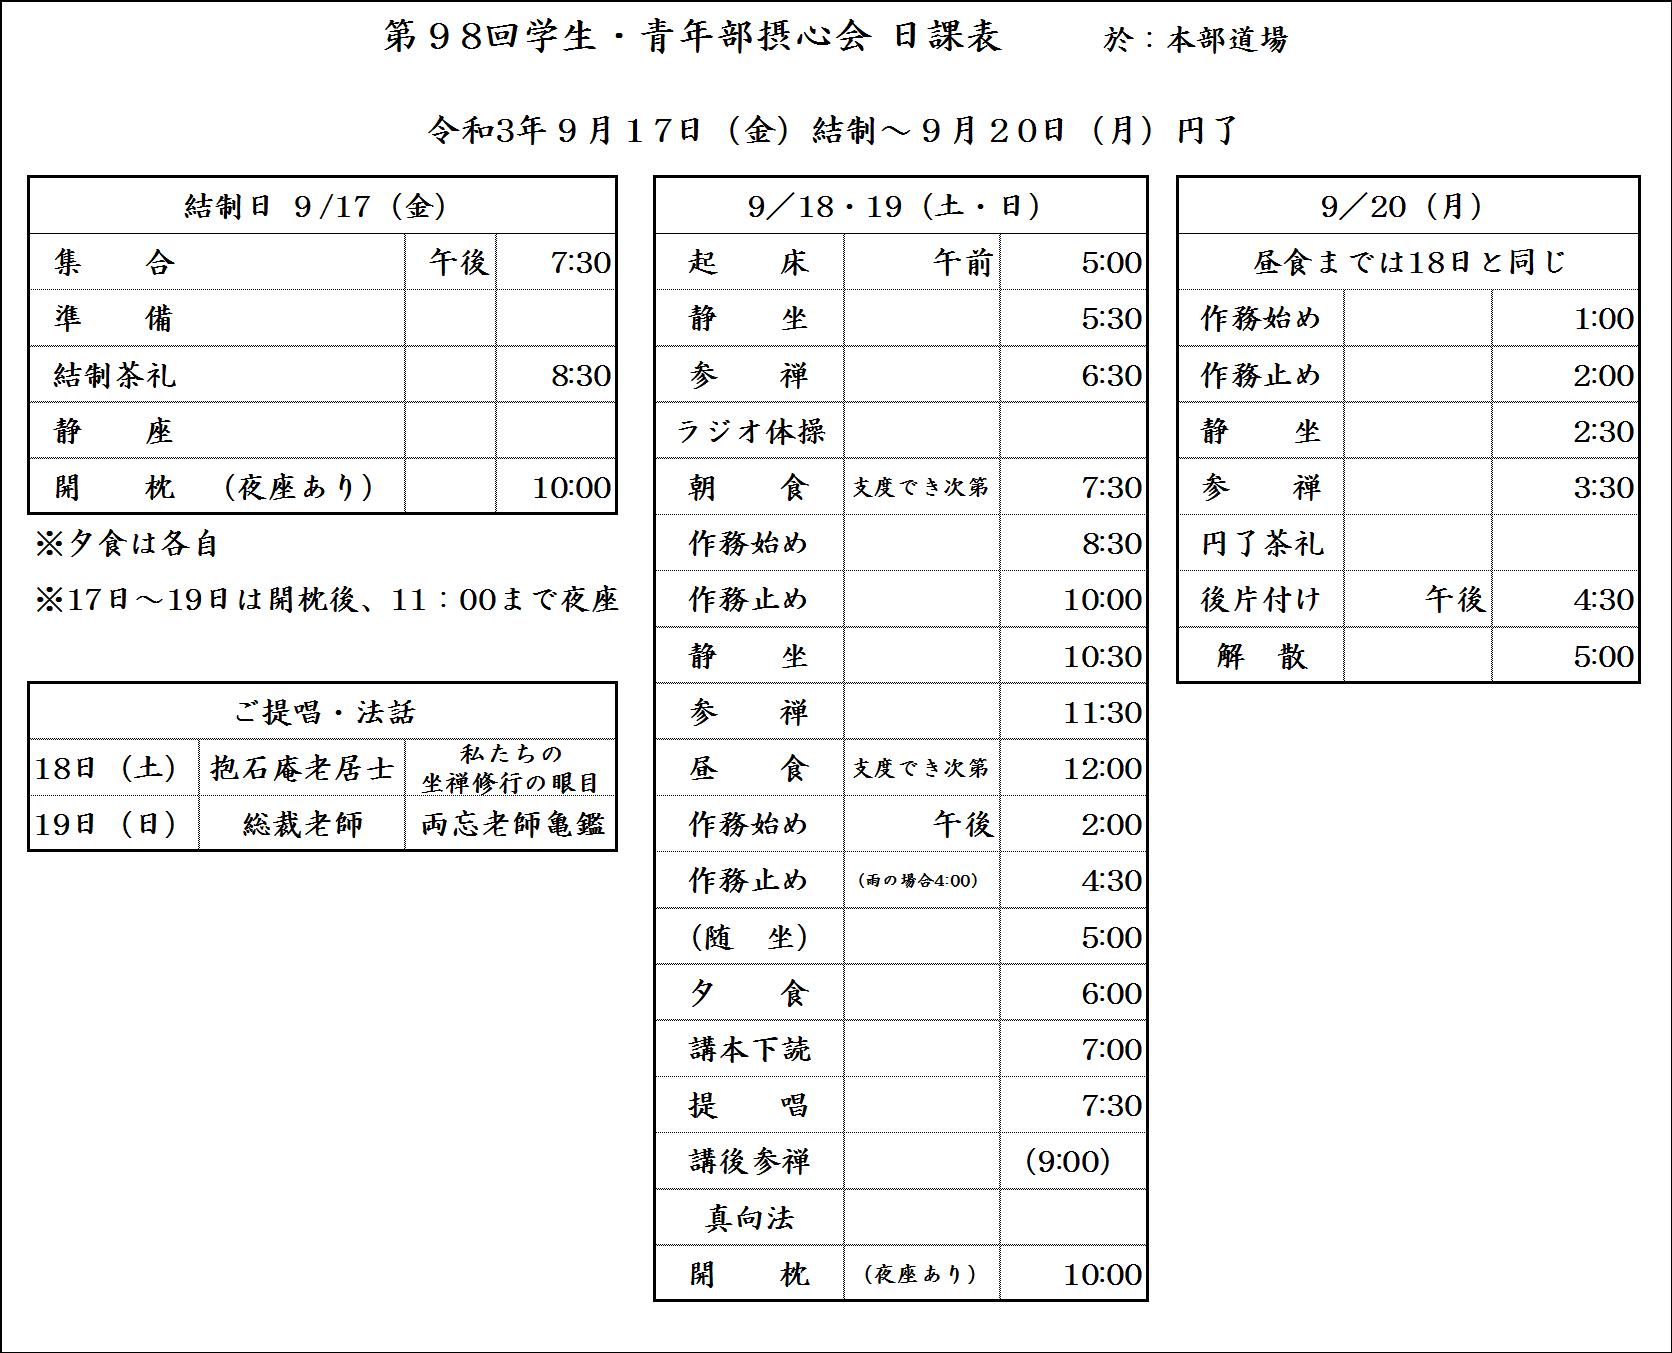 青年部摂心会No98日課表.png